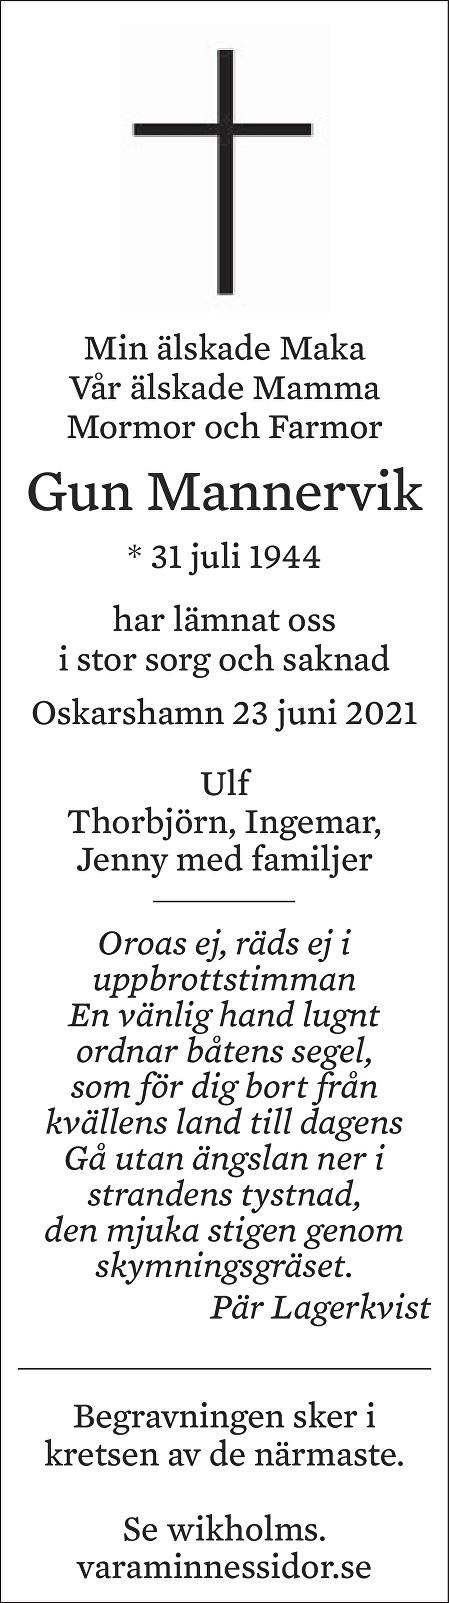 Gun Mannervik Death notice